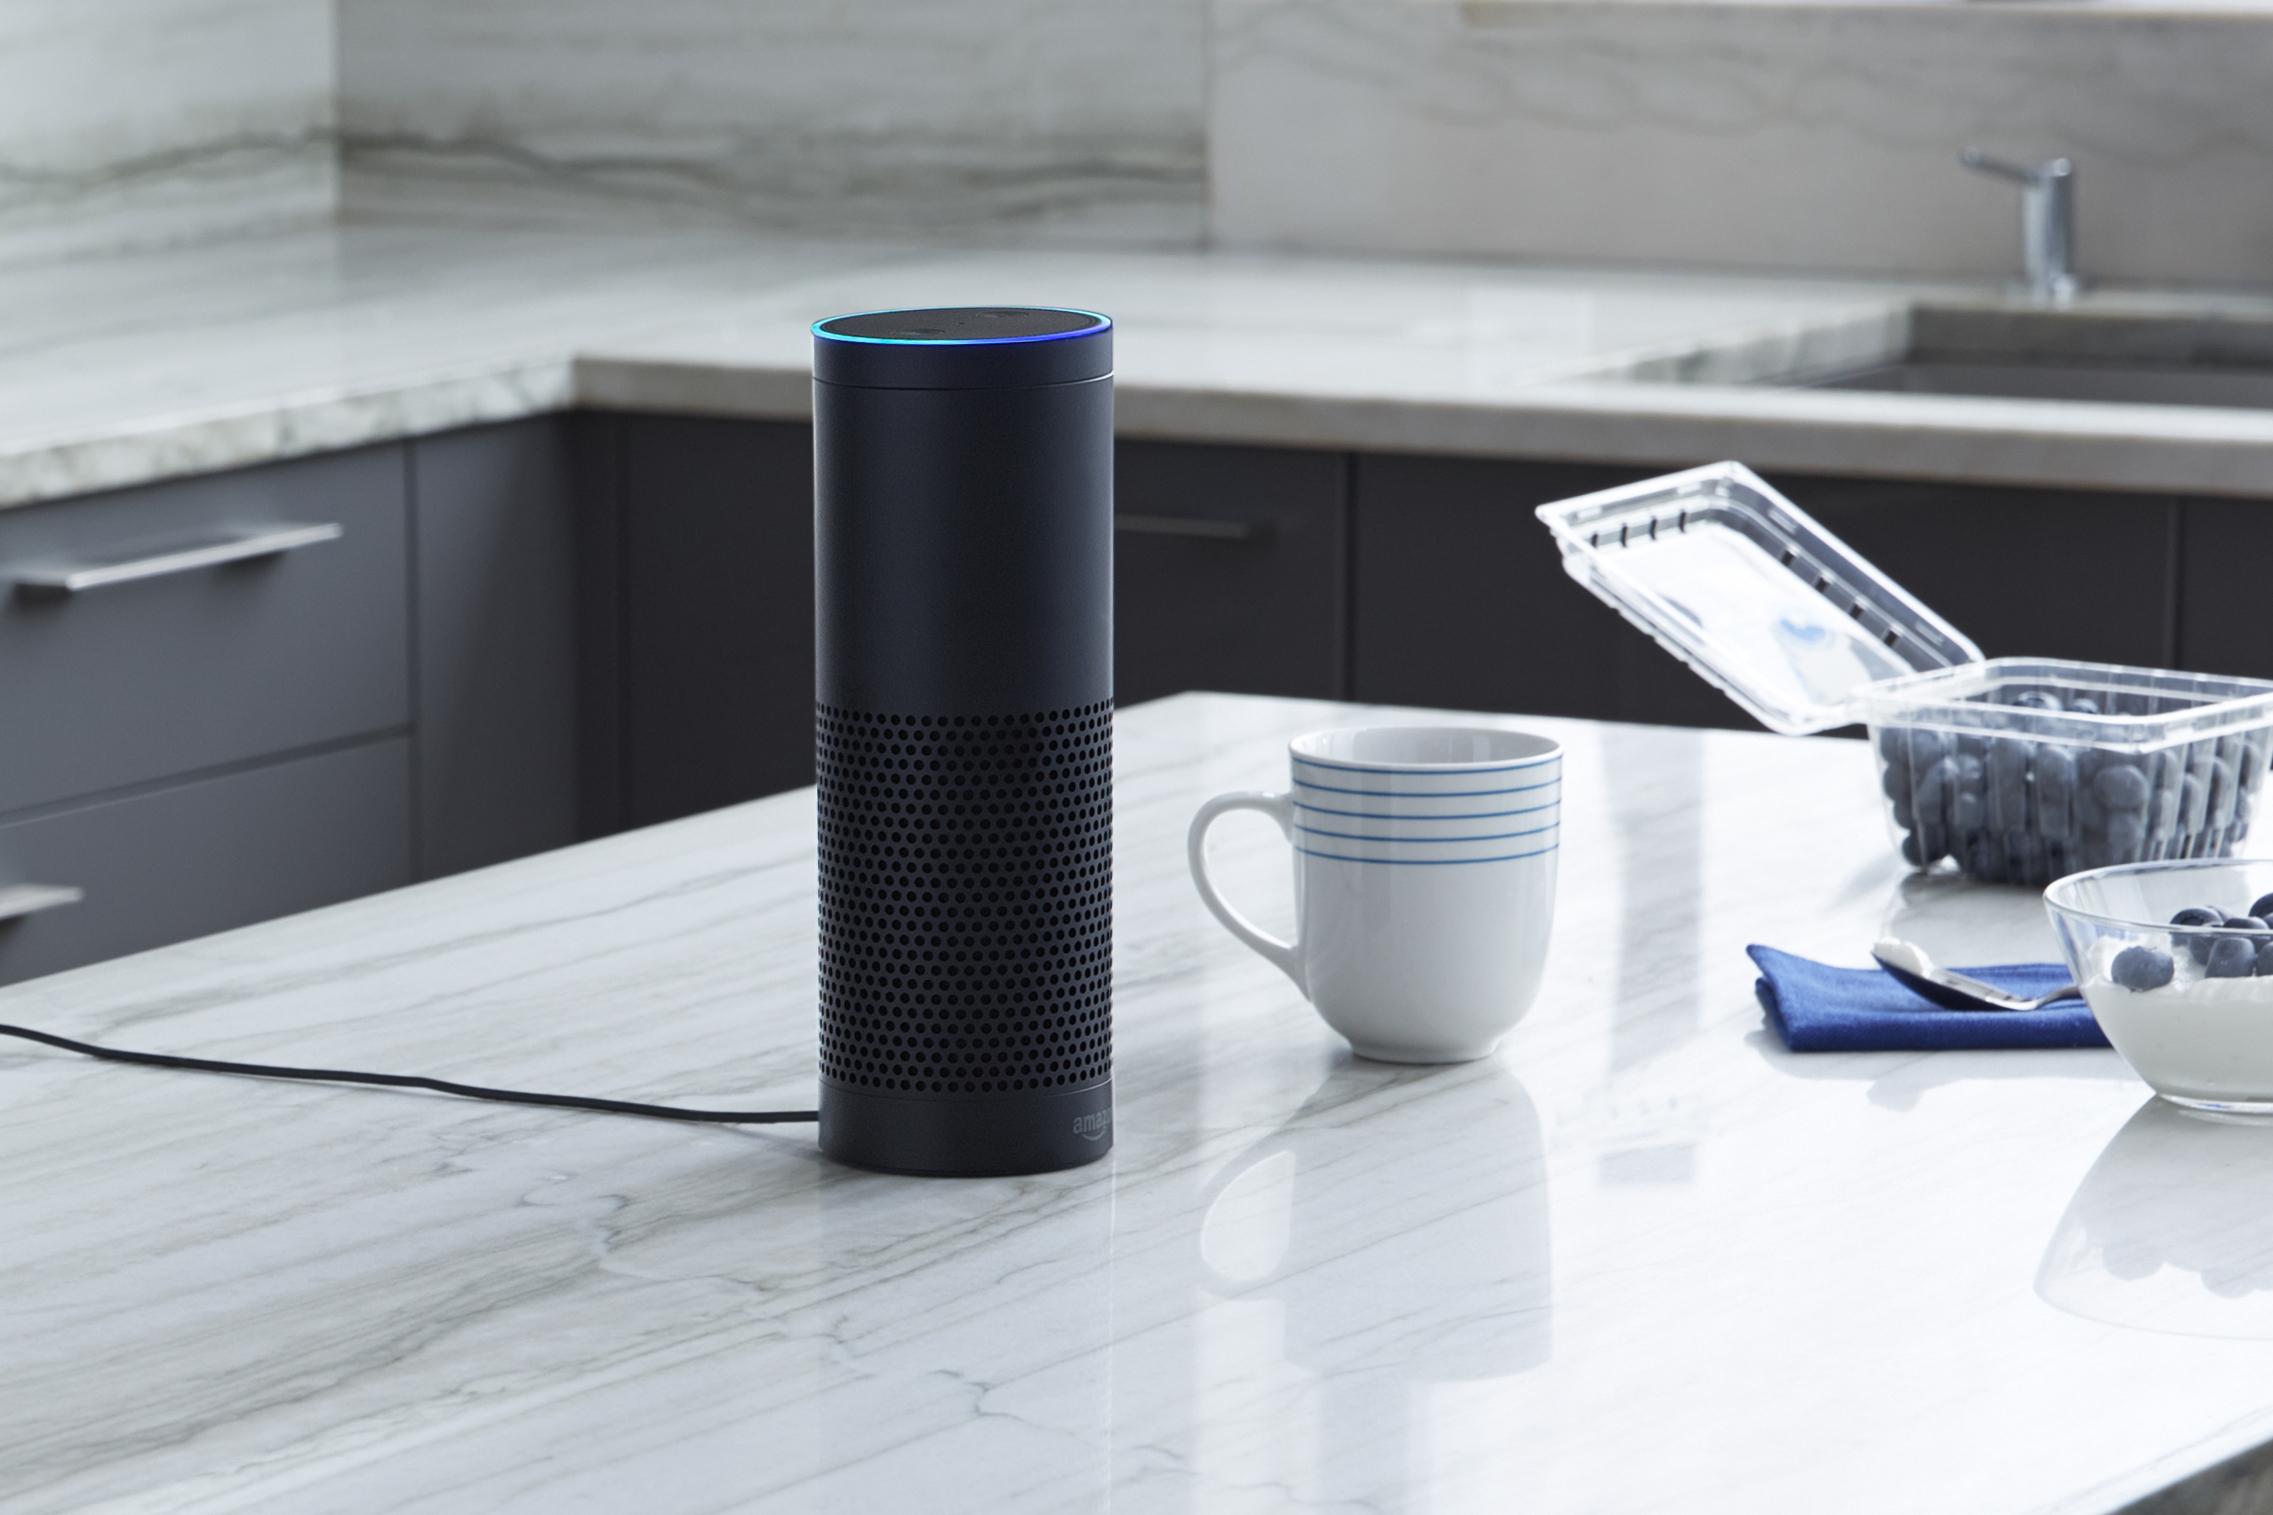 Amazon Echo on kitchen counter.